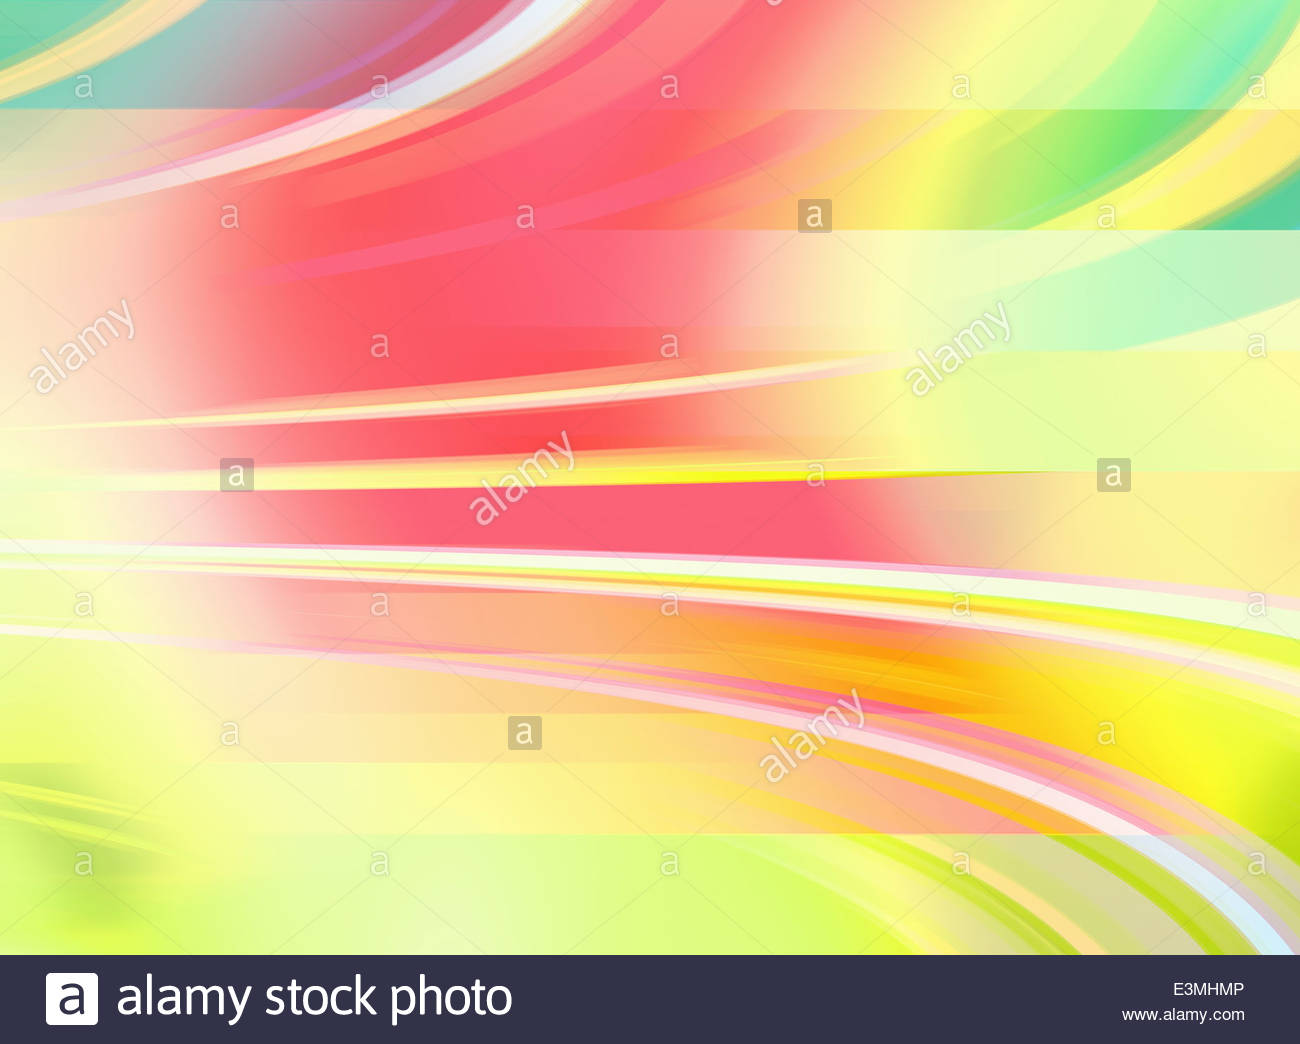 Resumen Antecedentes borrosa patrón multicolor Imagen De Stock